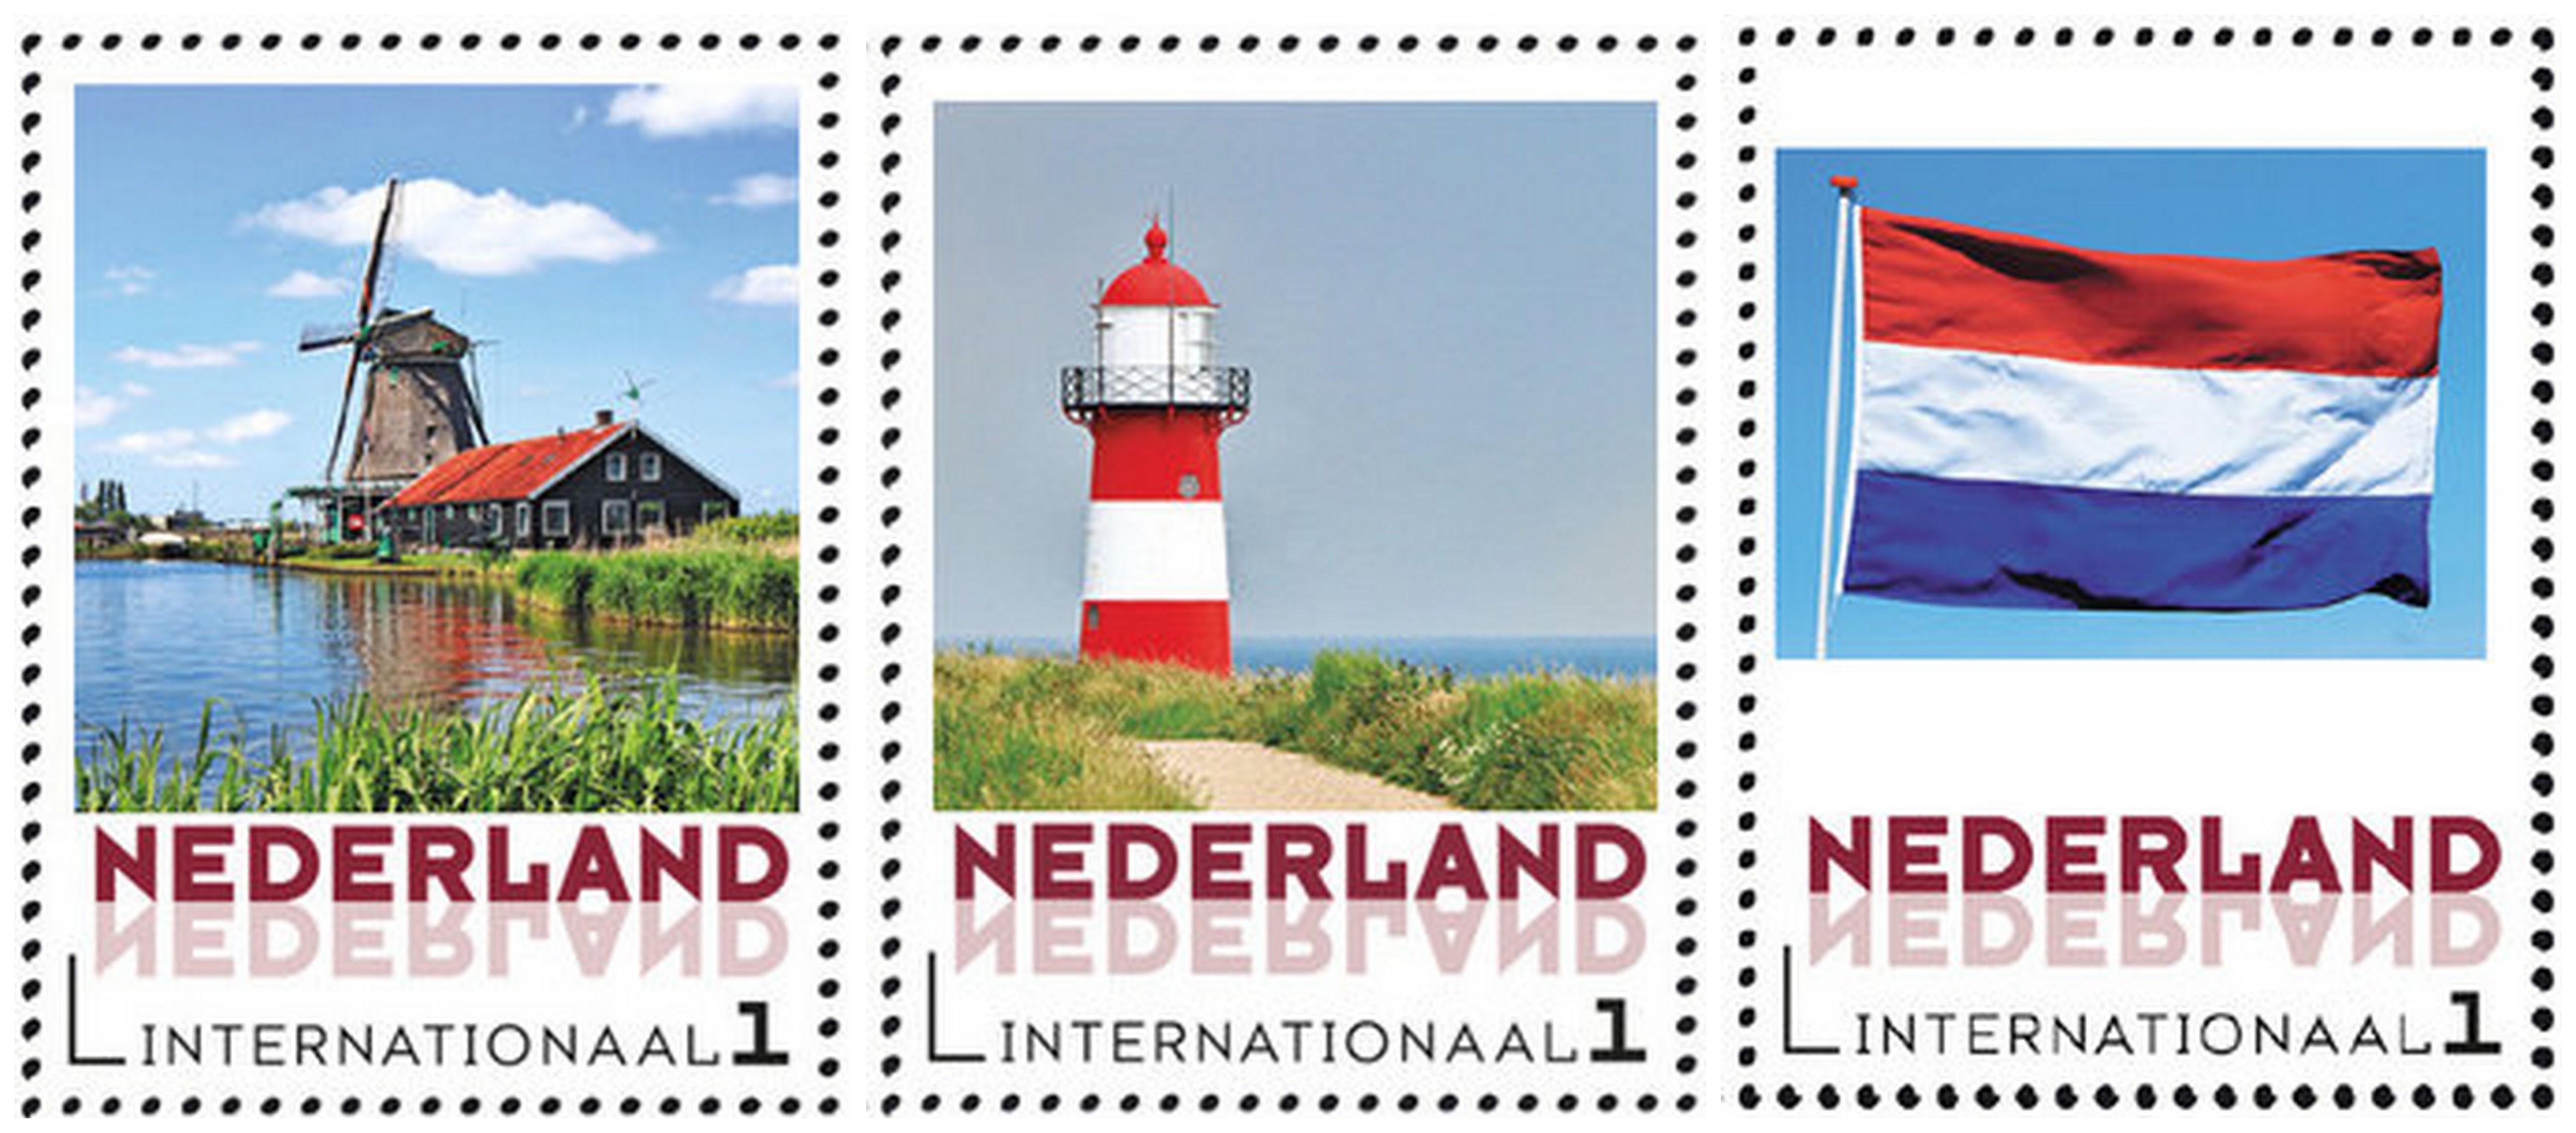 Persoonlijke Postcrossing Postzegels